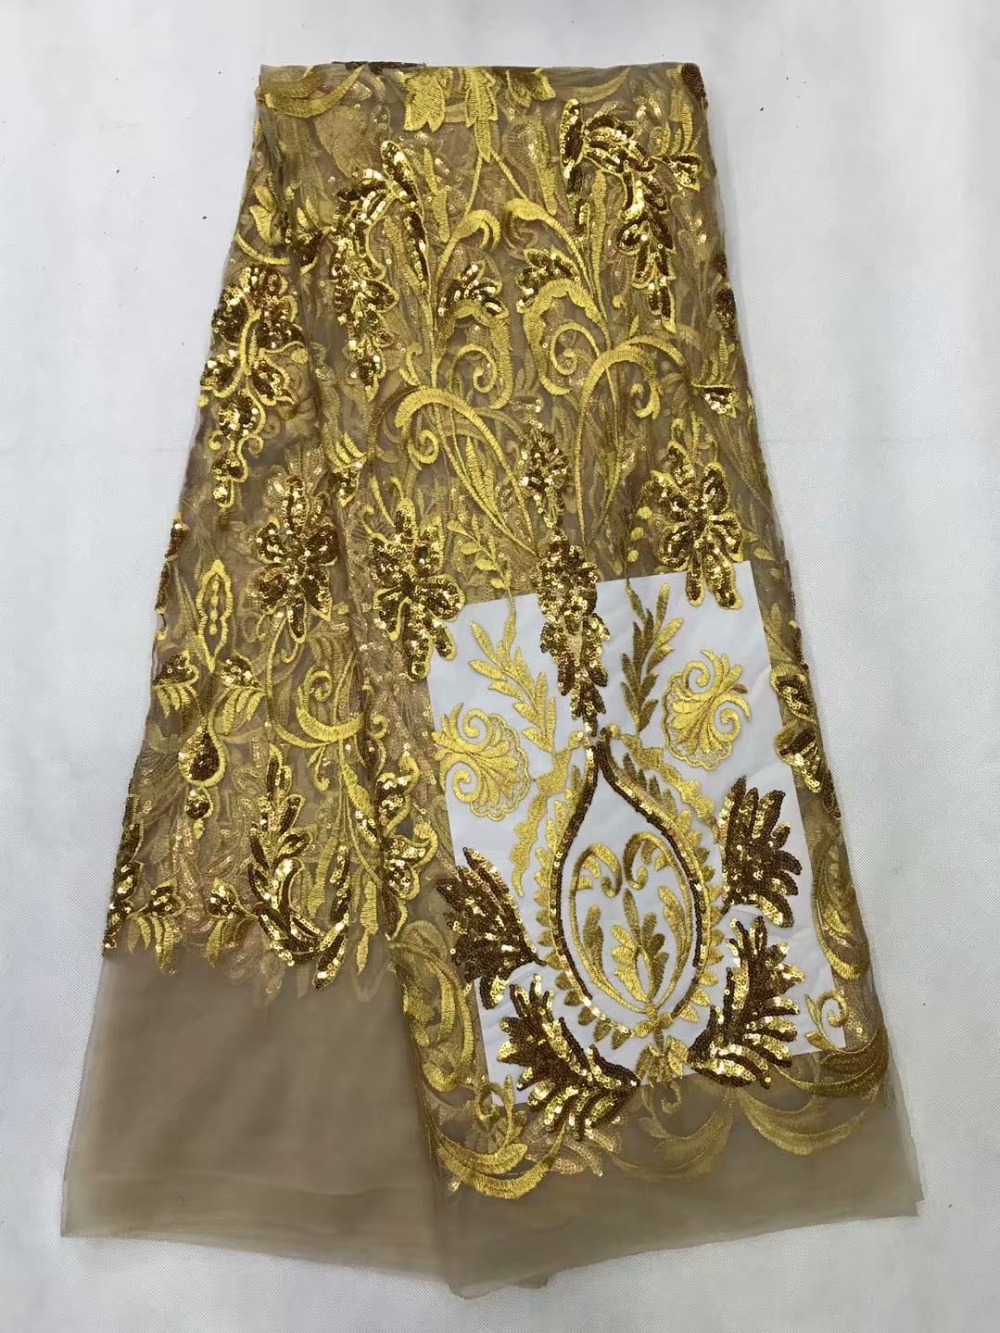 Die Neueste Heißer Verkäufer Kleid Kann Verwendet Werden Für Verschiedene Gelegenheiten, Schöne Swan Stickerei Afrikanische High-grade Spitze Pailletten Spitze Fa Um Jeden Preis